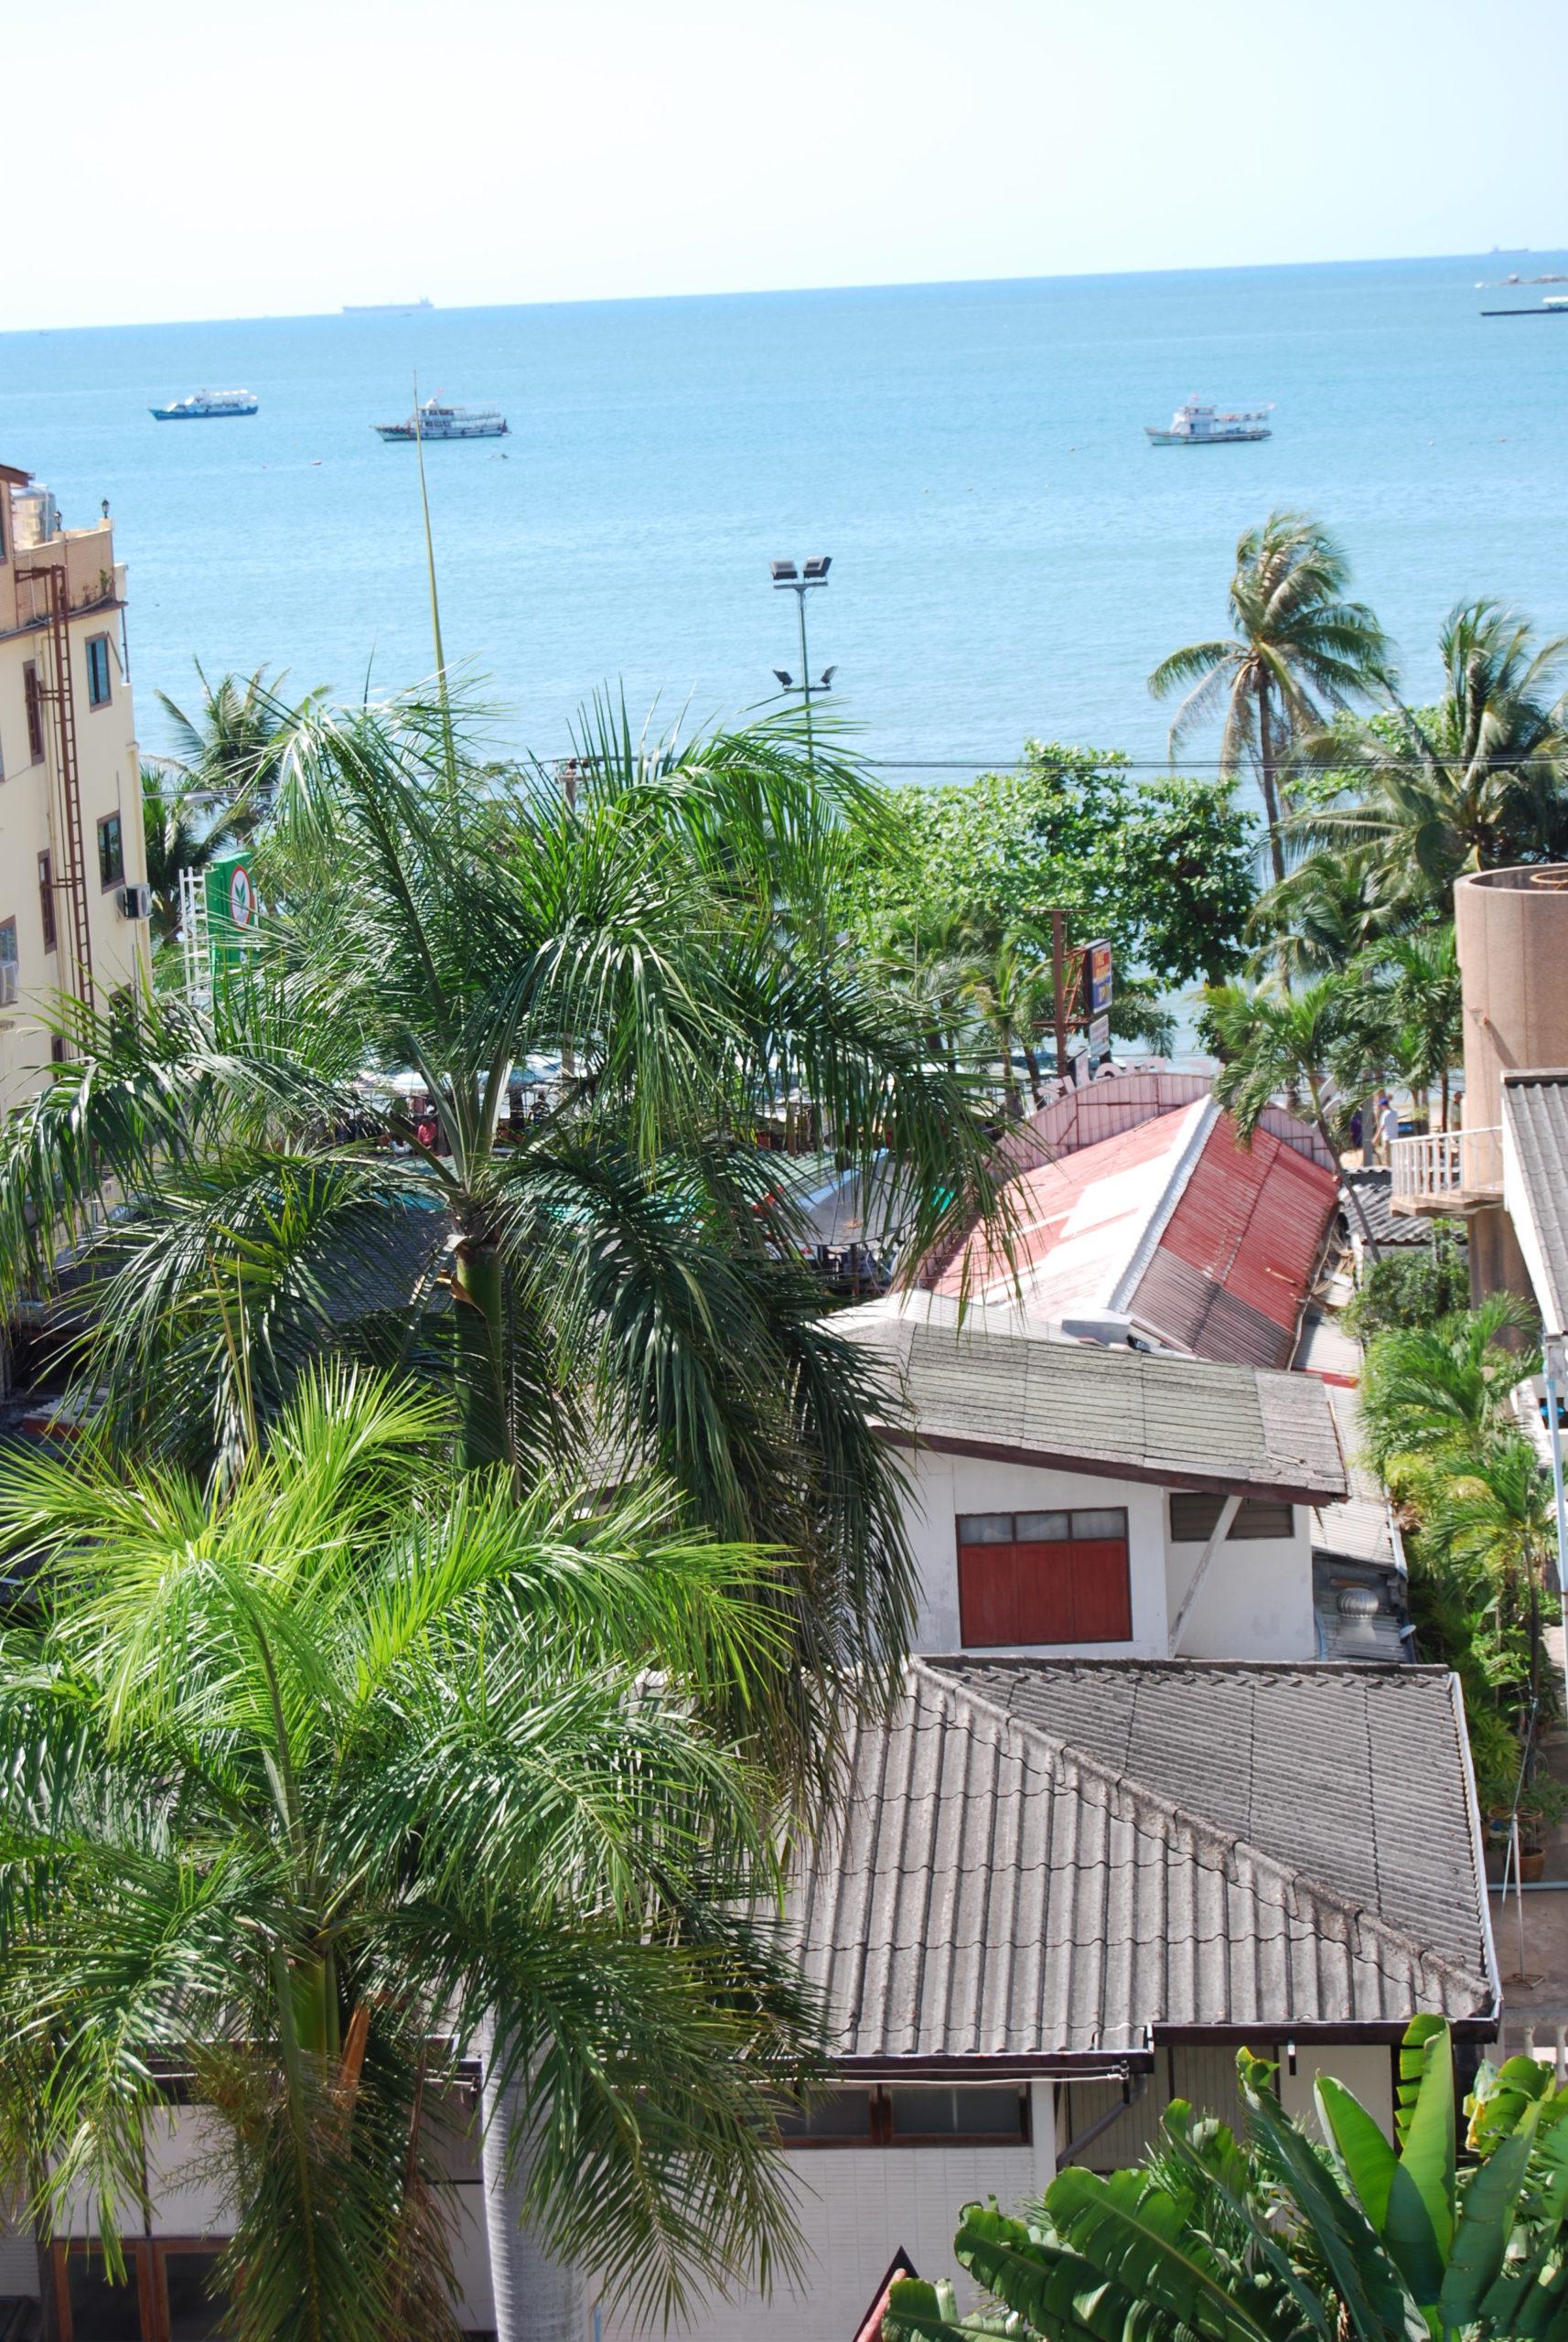 Pattaya Beach von meinem Hotelzimmer aus im Sandy Spring Hotel